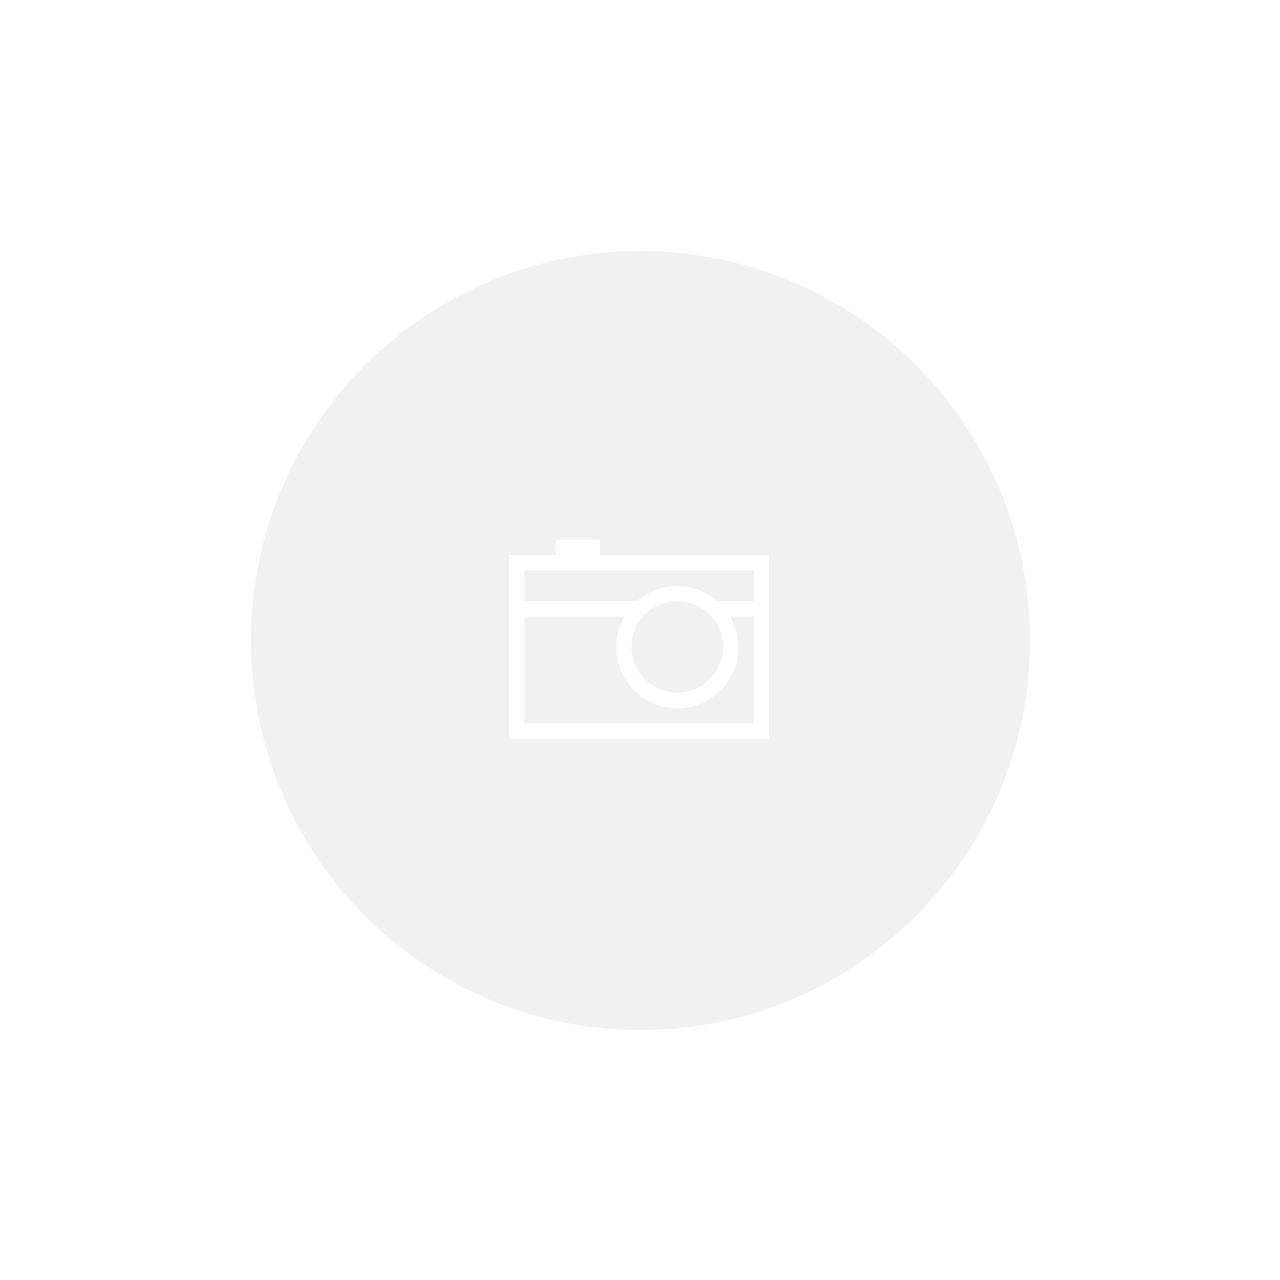 Almofada Veludo Vermelho c/ Aplicação de Cordão Bege